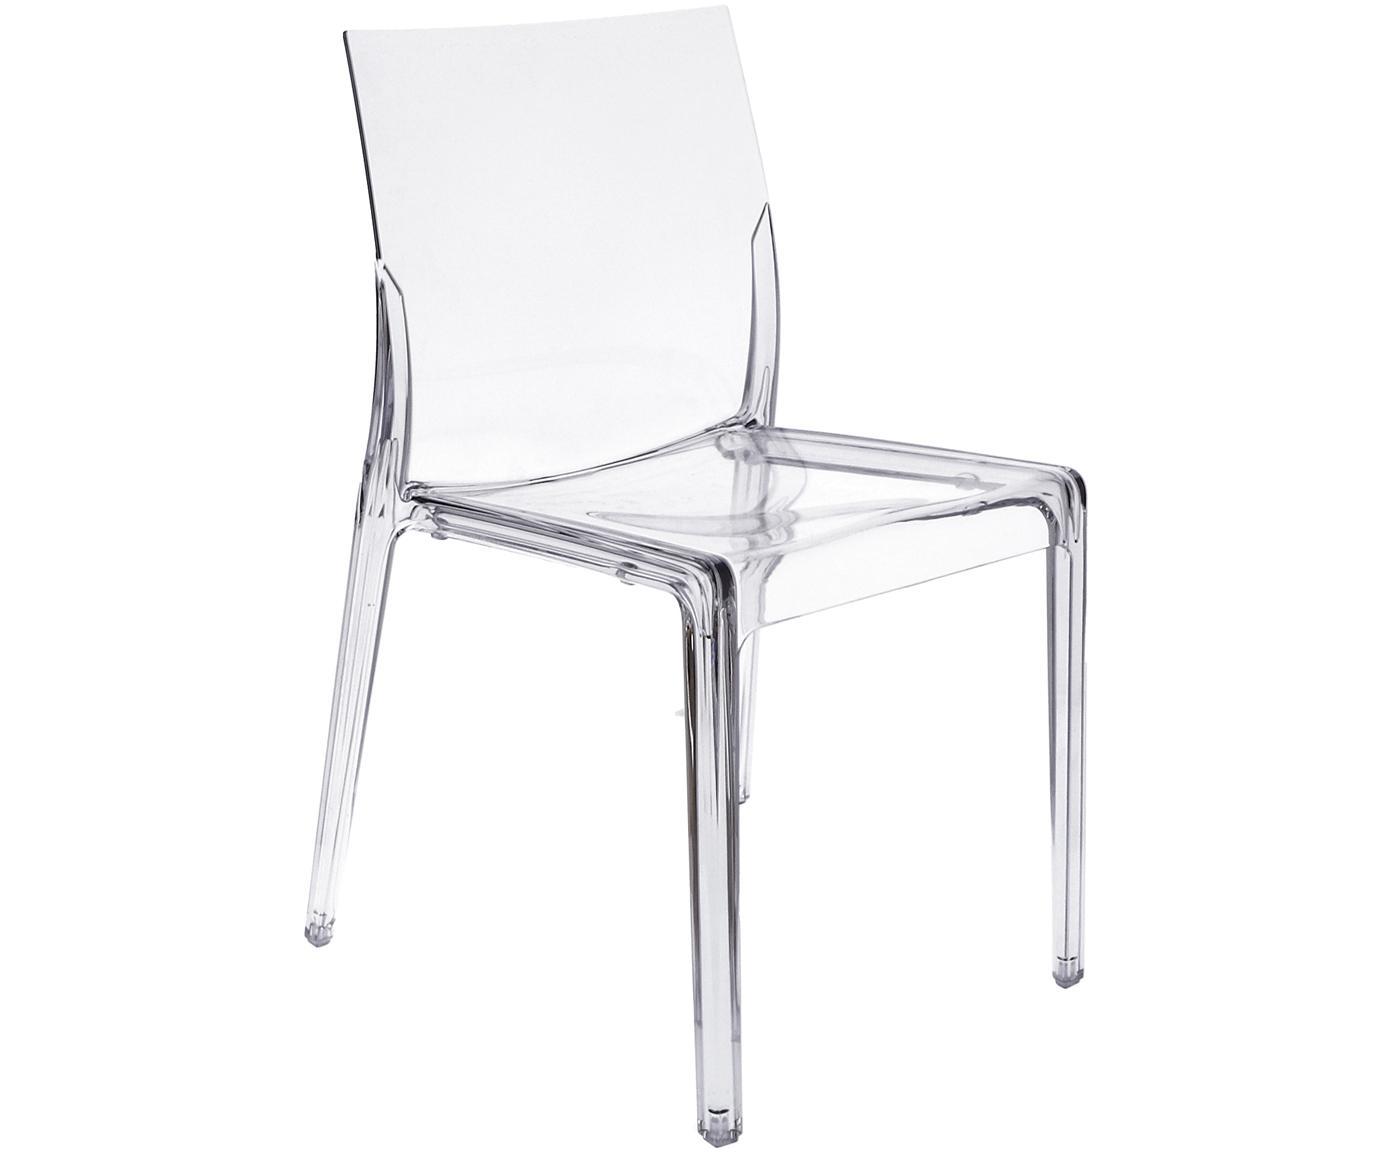 Krzesło z tworzywa sztucznego Mia, Tworzywo sztuczne (poliwęglan), Transparentny, S 46 x G 44 cm